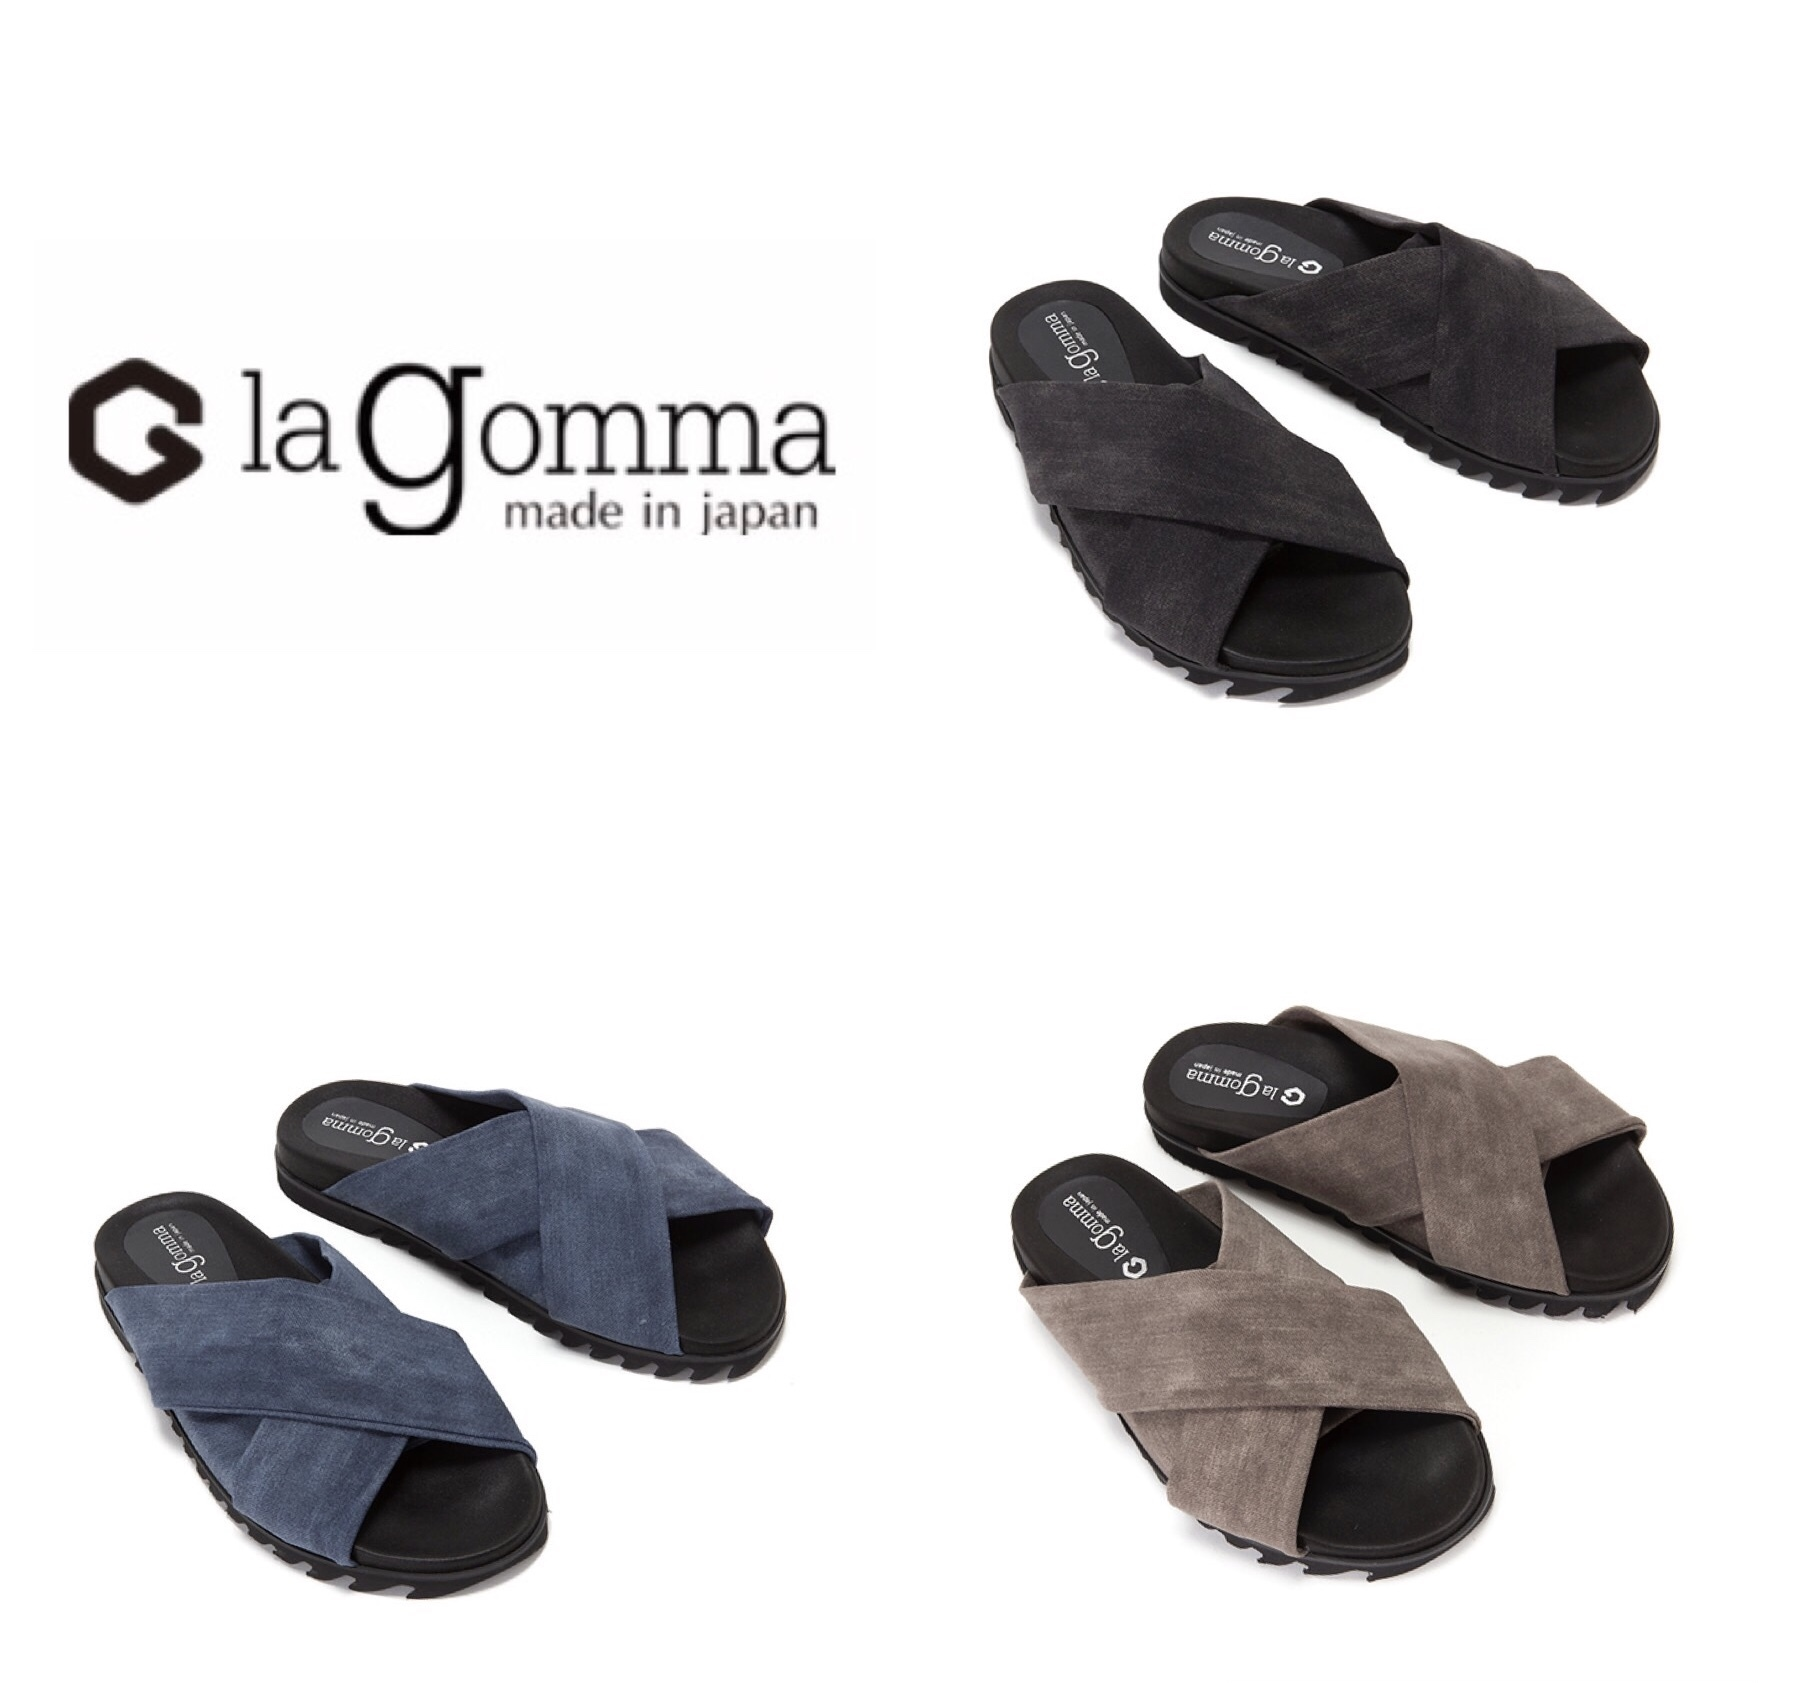 laGomma(ラゴンマ) / men's